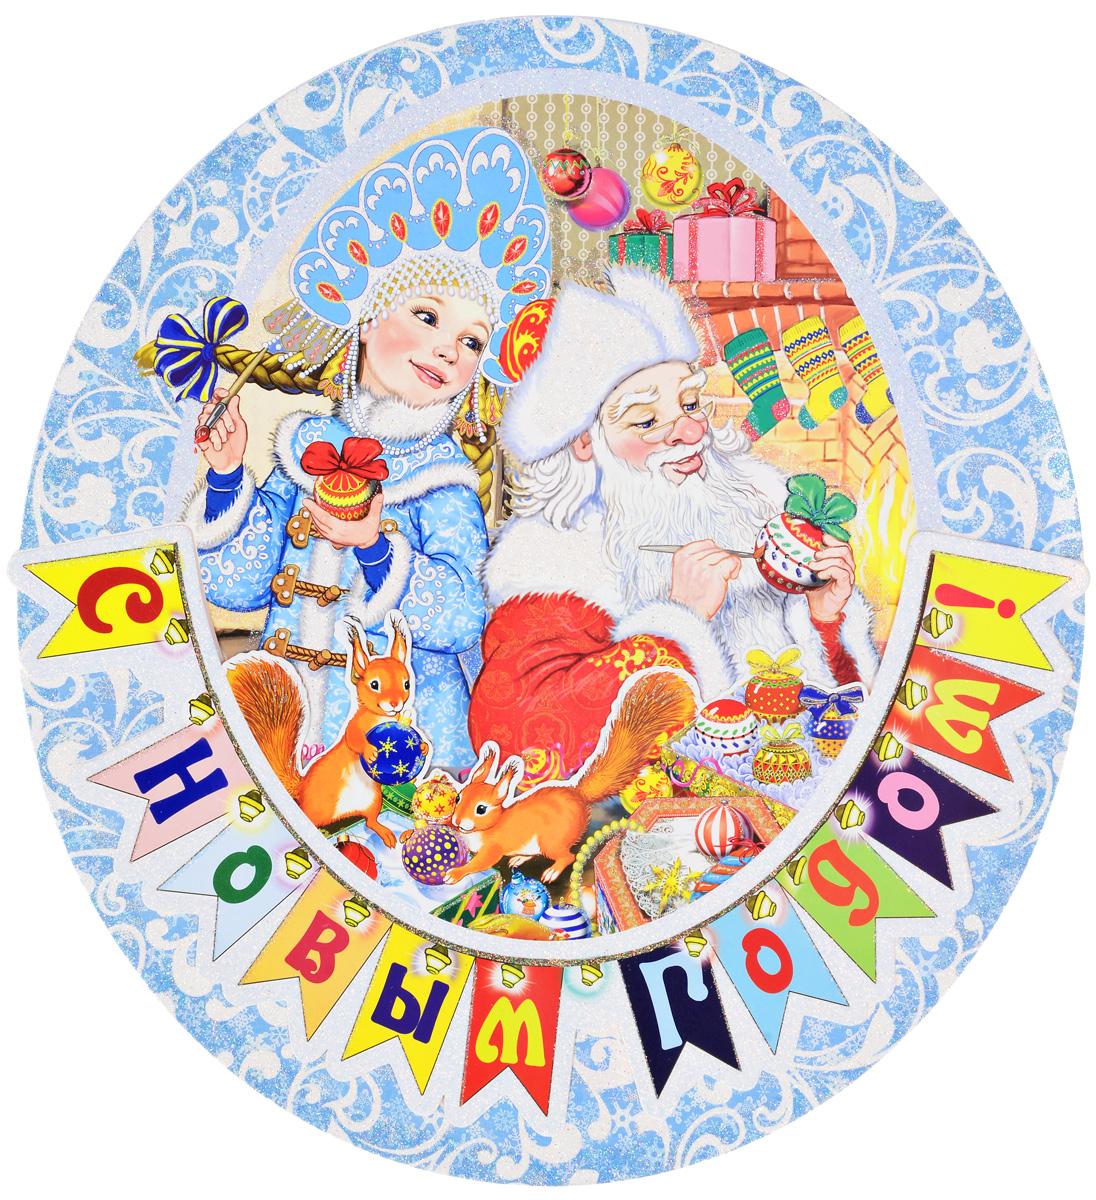 Украшение новогоднее оконное Magic Time Внучка Деда Мороза, двустороннее, 36 х 38 см75159Двухстороннее новогоднее украшение Magic TimeВнучка Деда Мороза, выполнено из картона в виде панно идекорировано блестками. Изделие предназначено дляпраздничного оформления стен, окон и дверей. С помощьютакого украшения можно составлять на мебели целые зимниесюжеты, которые будут радовать глаз и поднимать настроение впраздничные дни! Также вы можете преподнести этот сувенирв качестве мини-презента коллегам, близким и друзьям спожеланиями счастливого Нового Года! В комплект входят клеевые подушечки. Плотность картона: 300 г/м2.